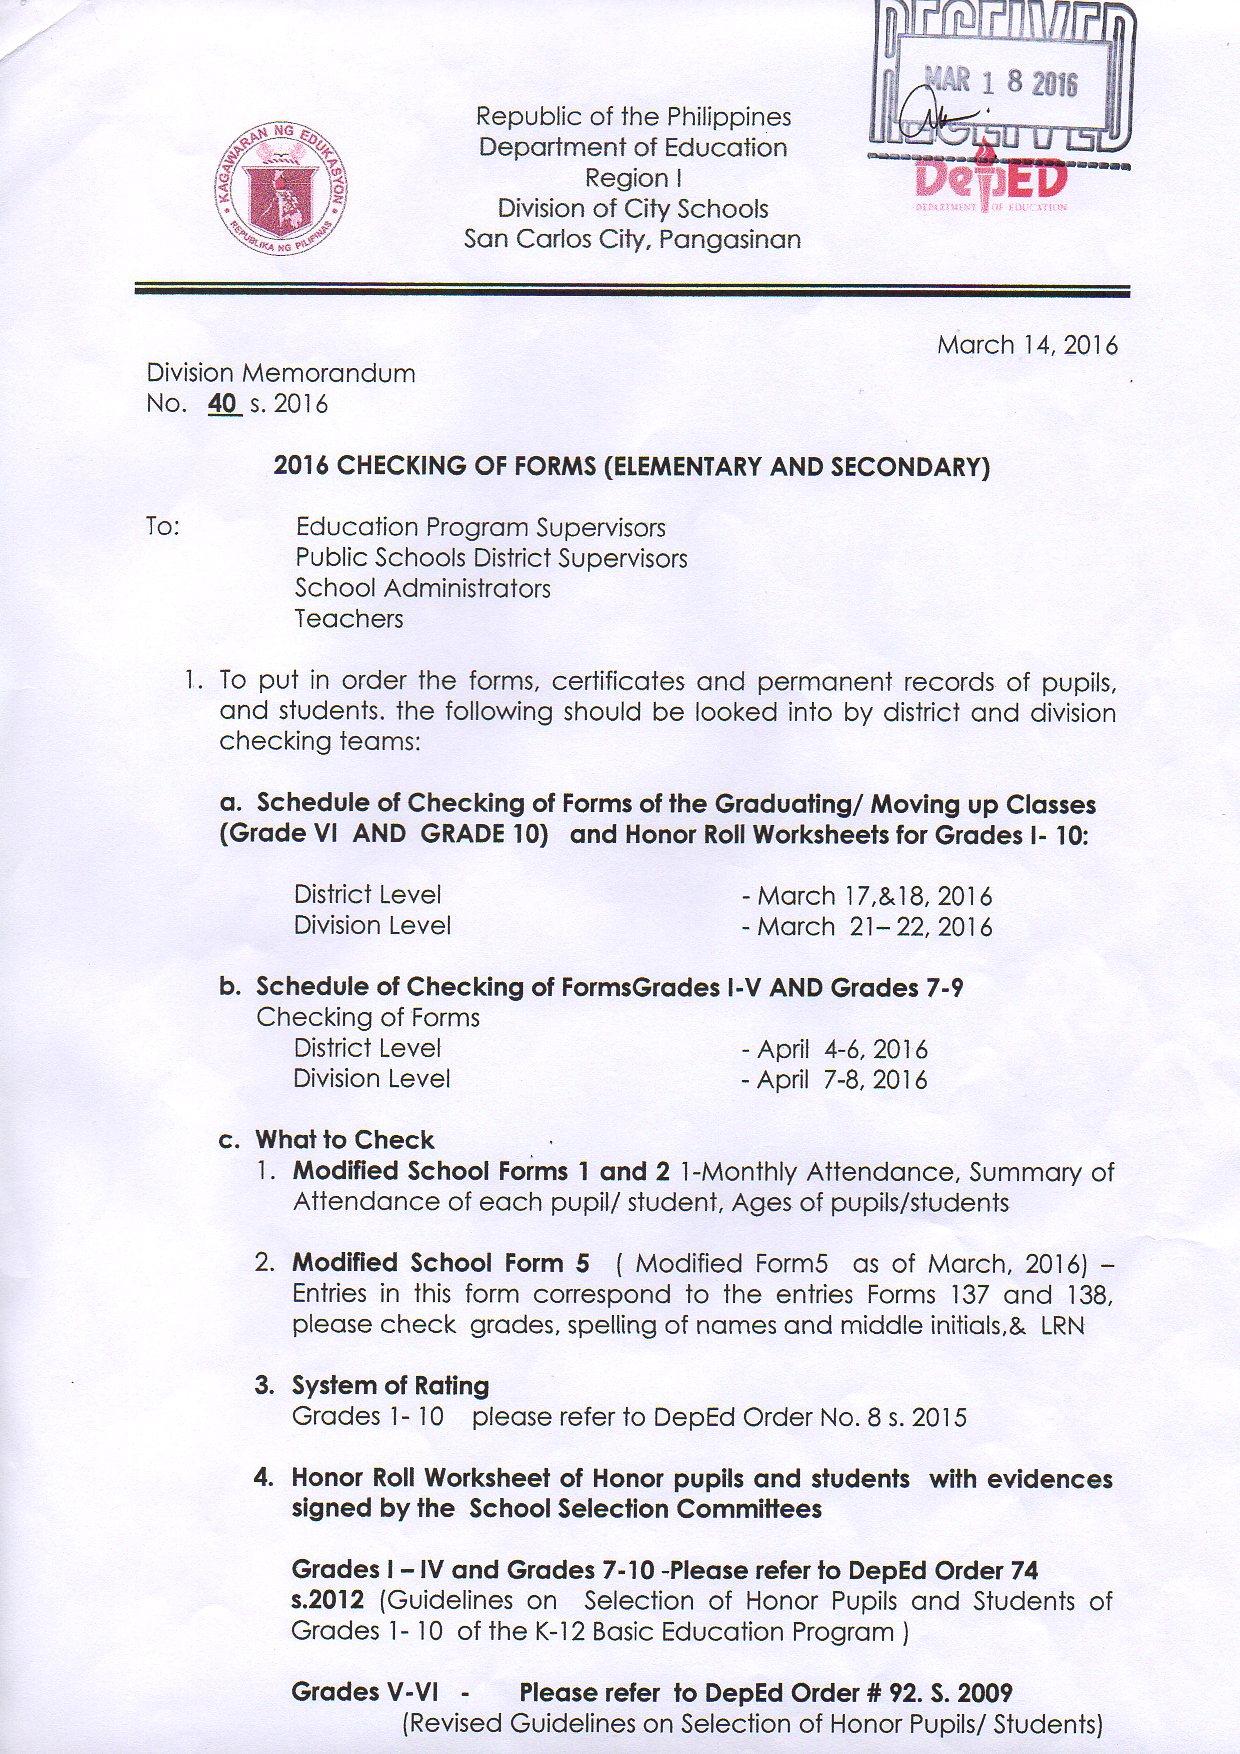 Division Memorandum No  40, s 2016 – Schools Division Office